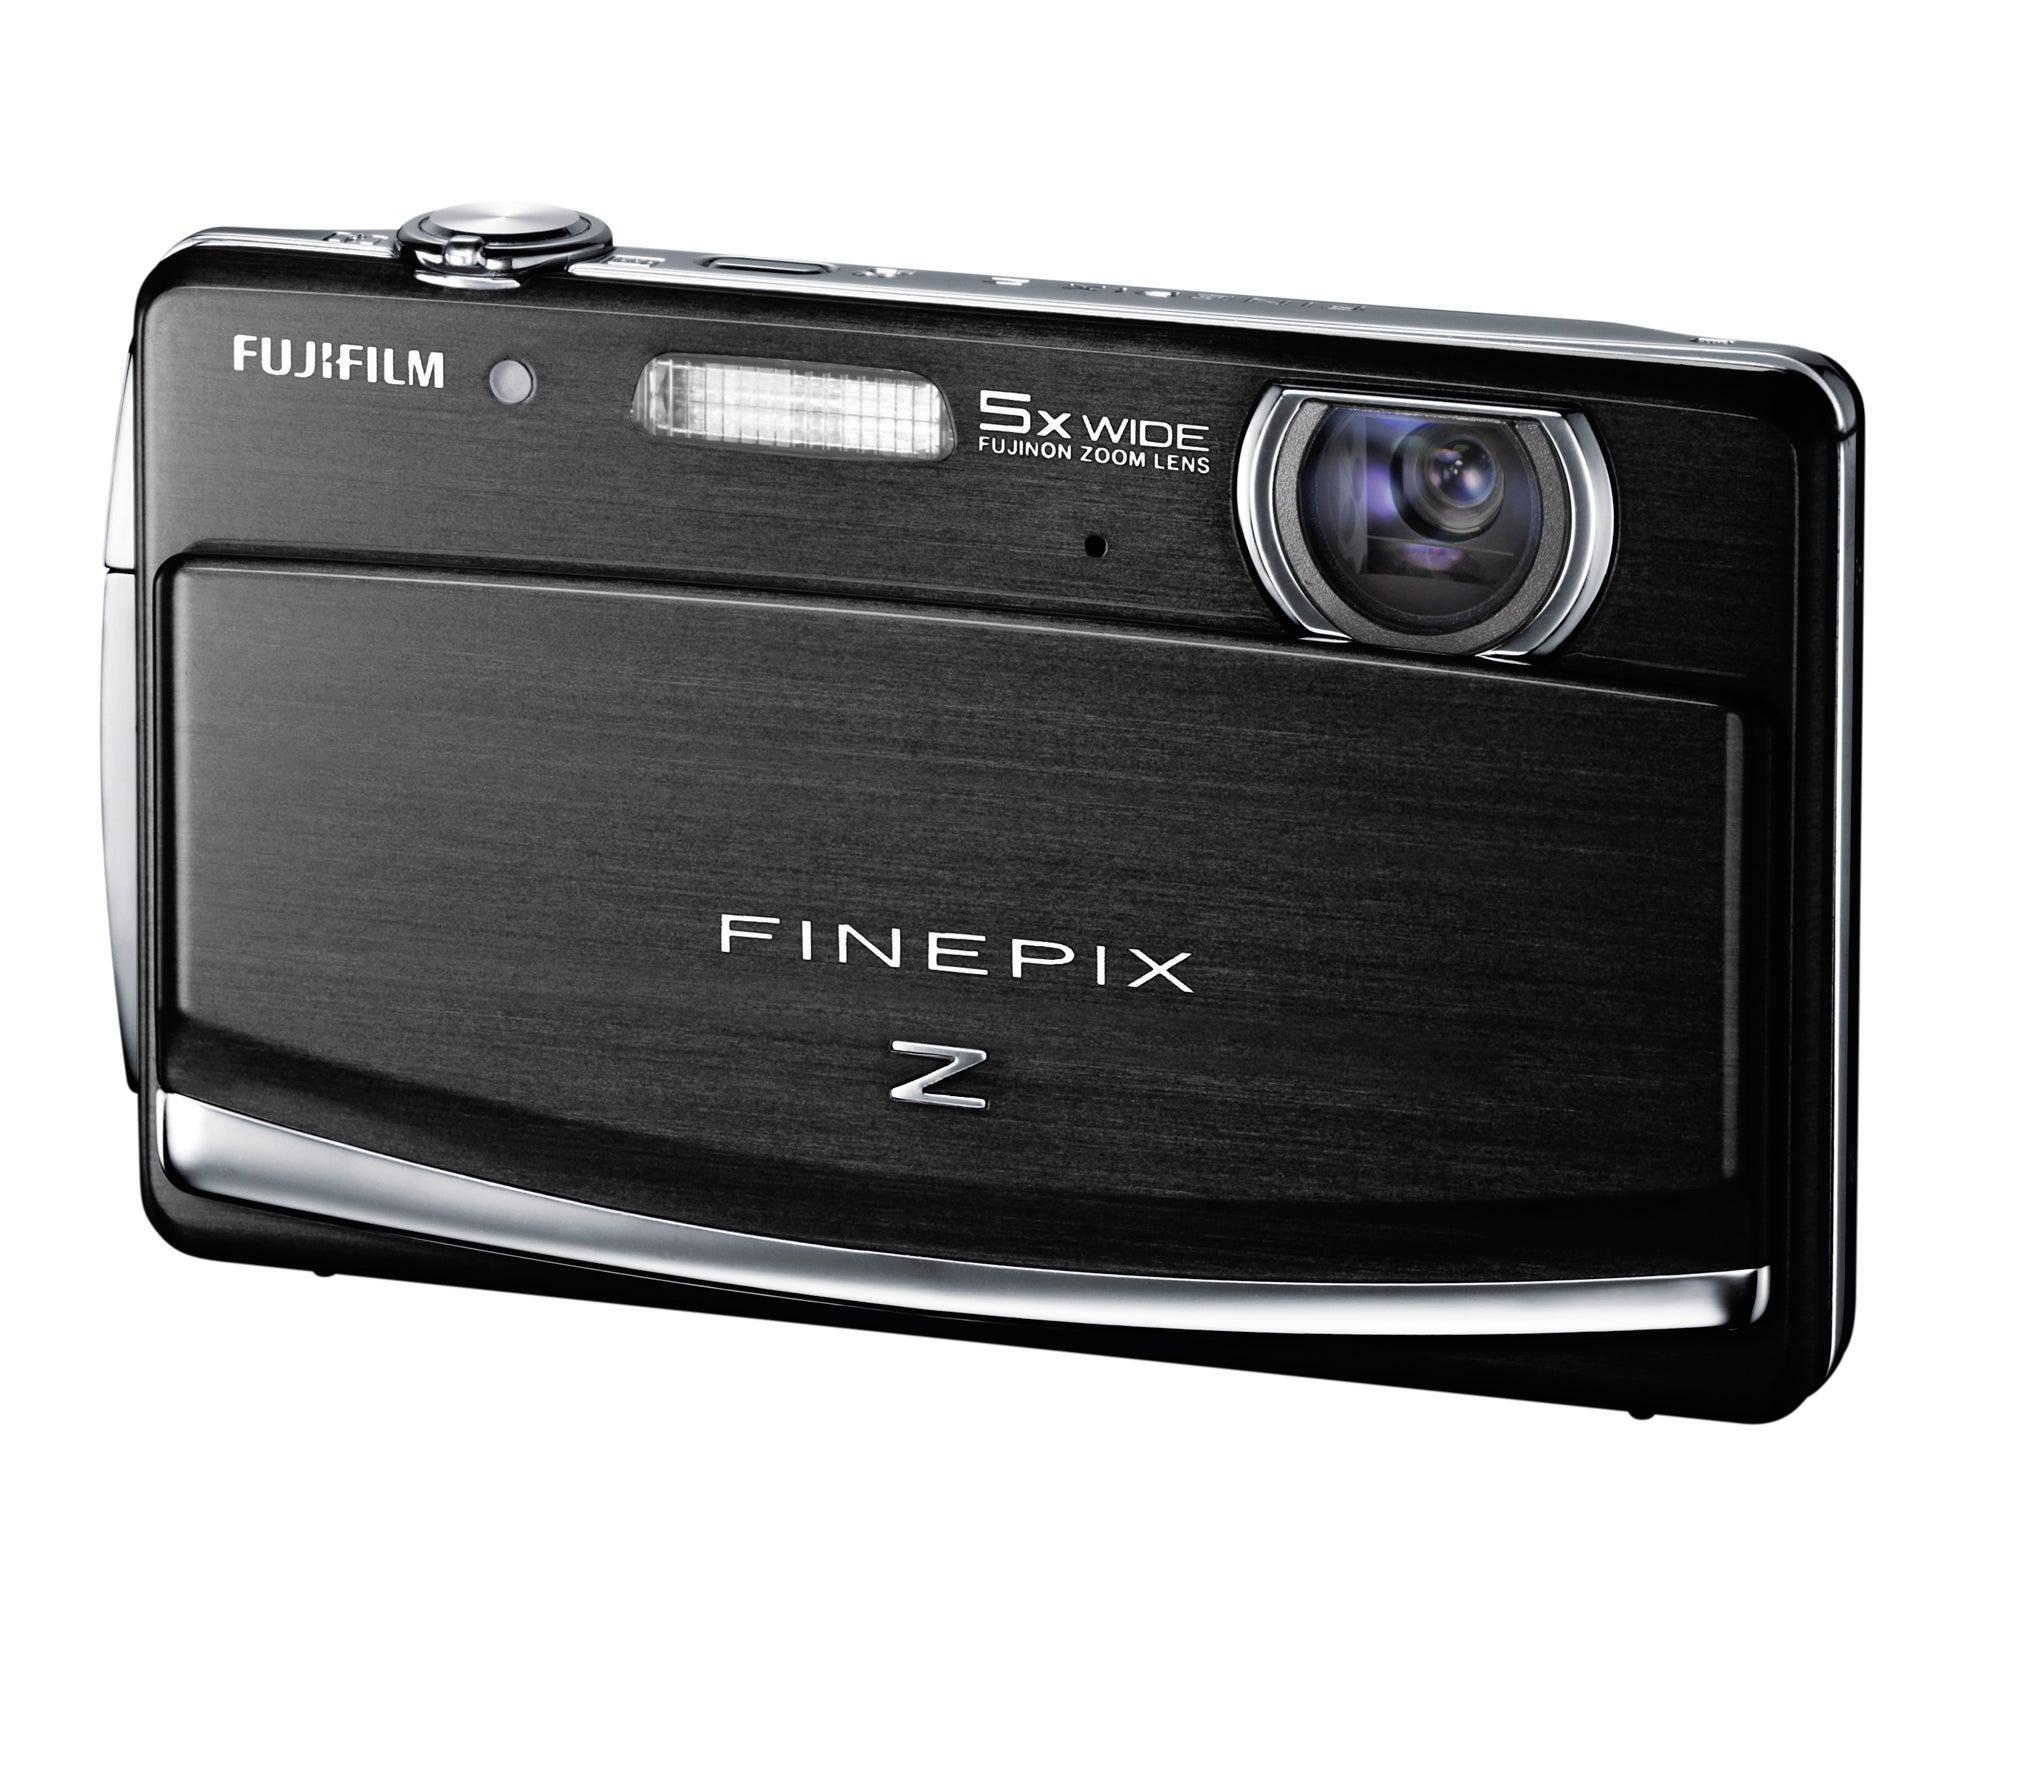 fujifilm finepix z90 review what digital camera tests the fuji z90 rh trustedreviews com Fuji FinePix HS25EXR Fuji FinePix S1